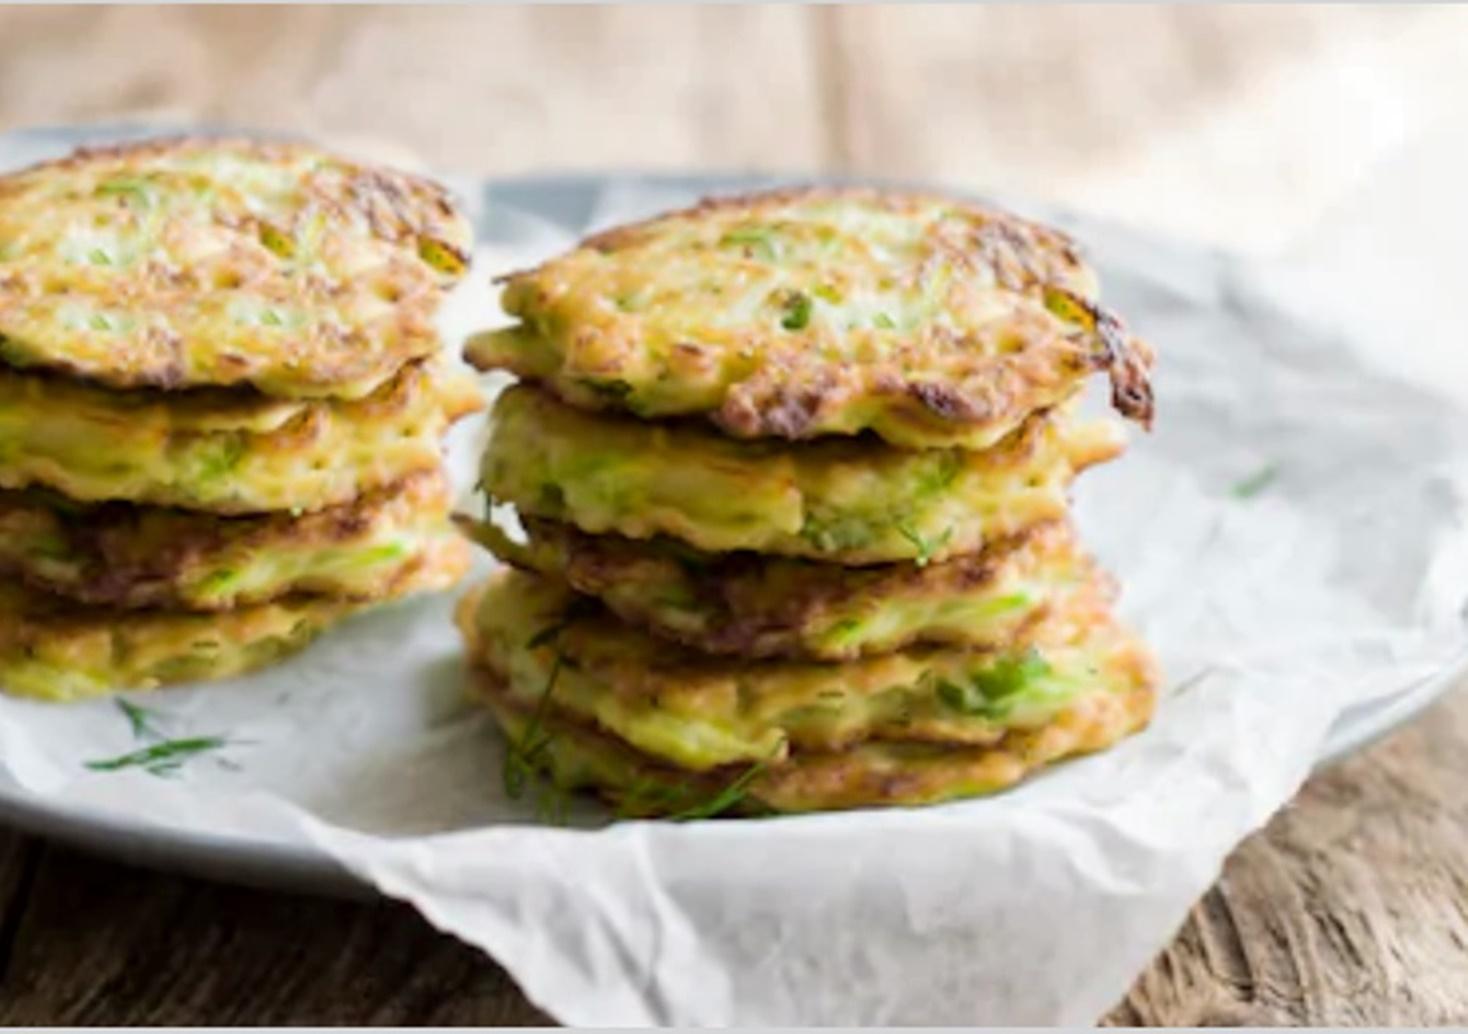 Rețetă simplă de vară: Chiftele de dovlecei cu verdeață, perfecte pentru gustarea de dimineață